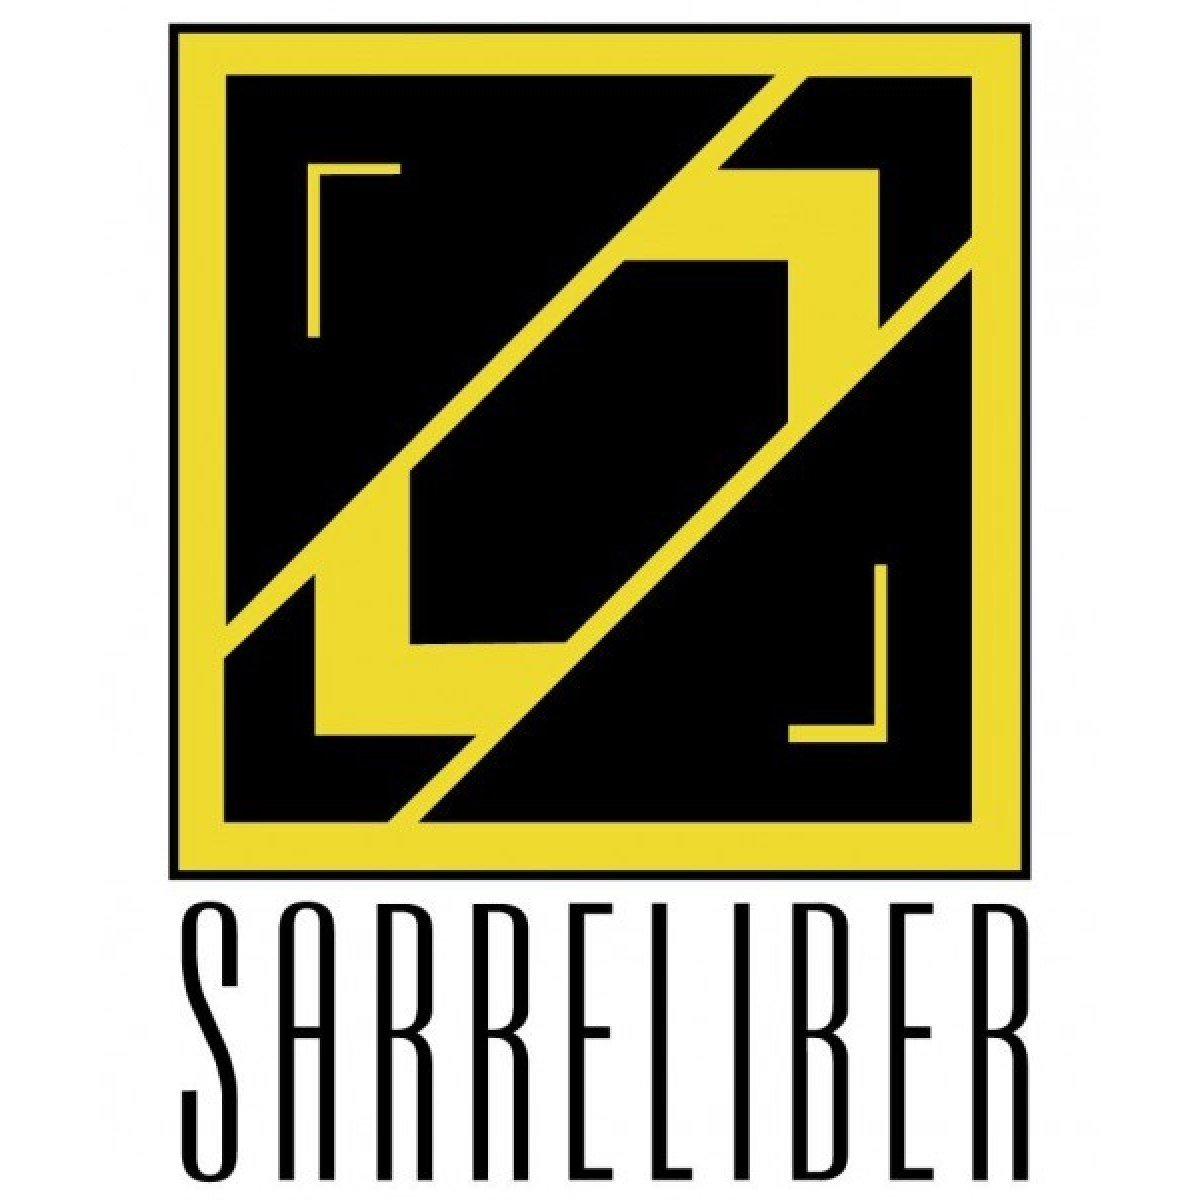 Sarreliber – Transformação de Plásticos e Metais S.A.